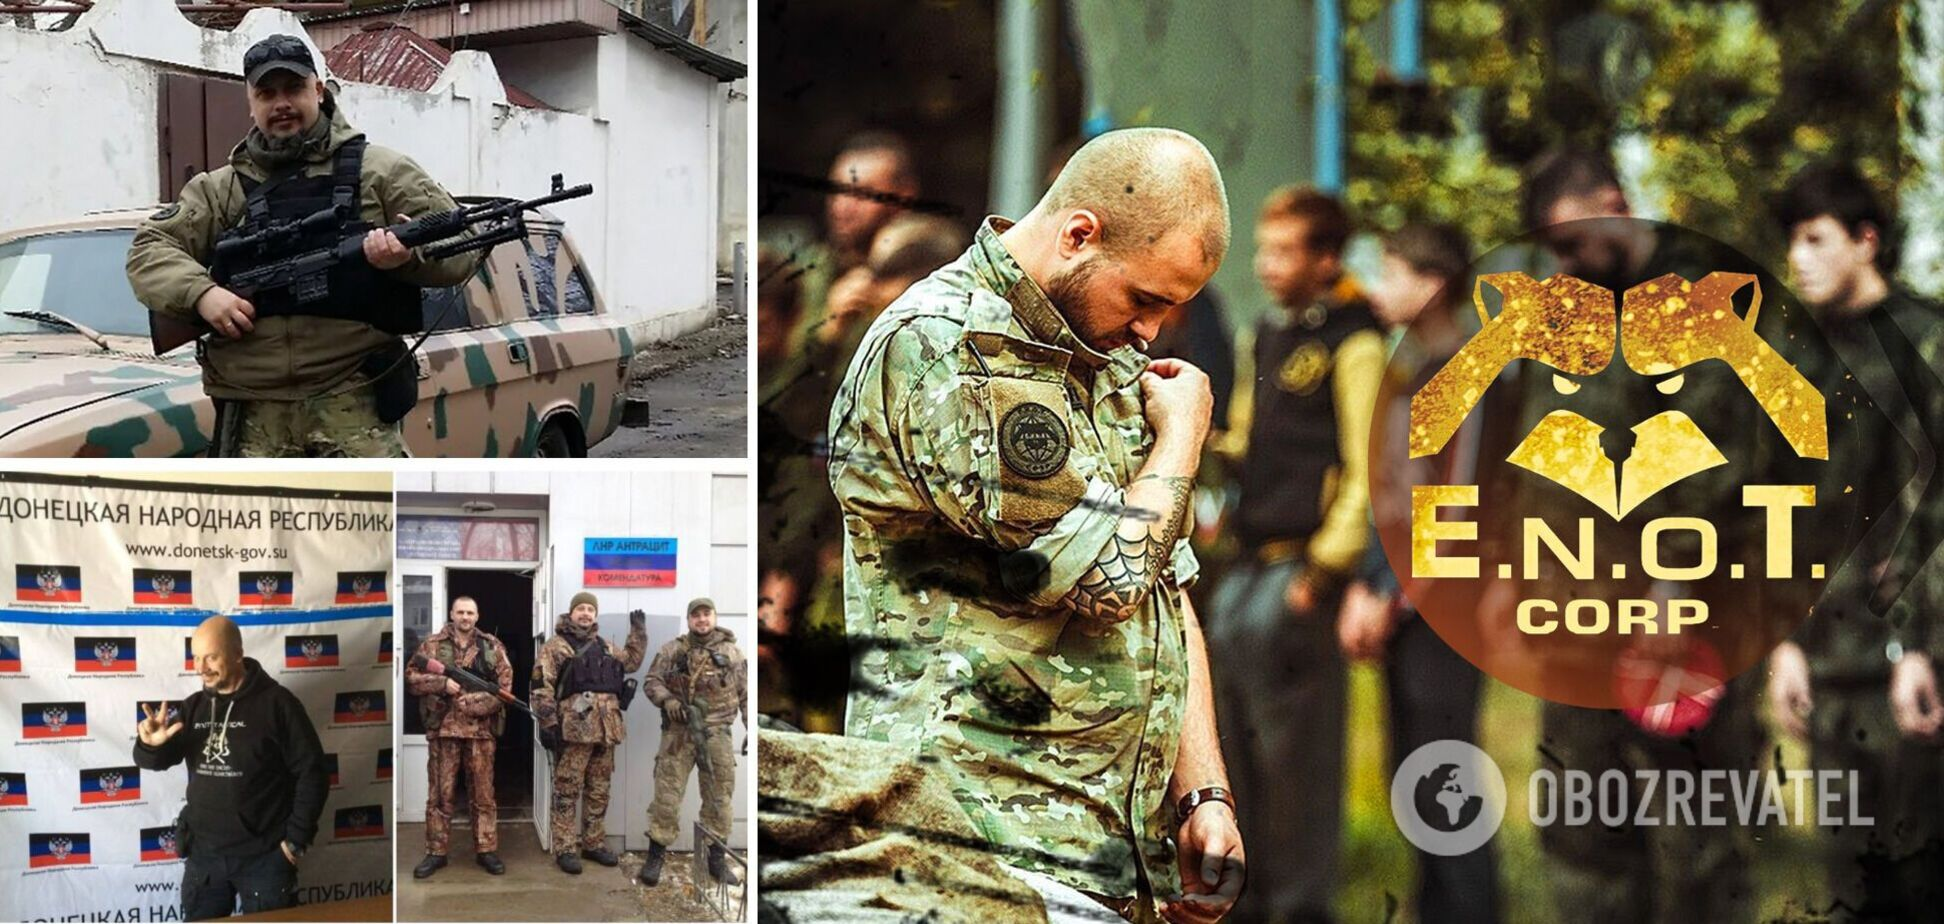 Идеологу наемников РФ на Донбассе вынесли приговор и признали его ЧВК преступной